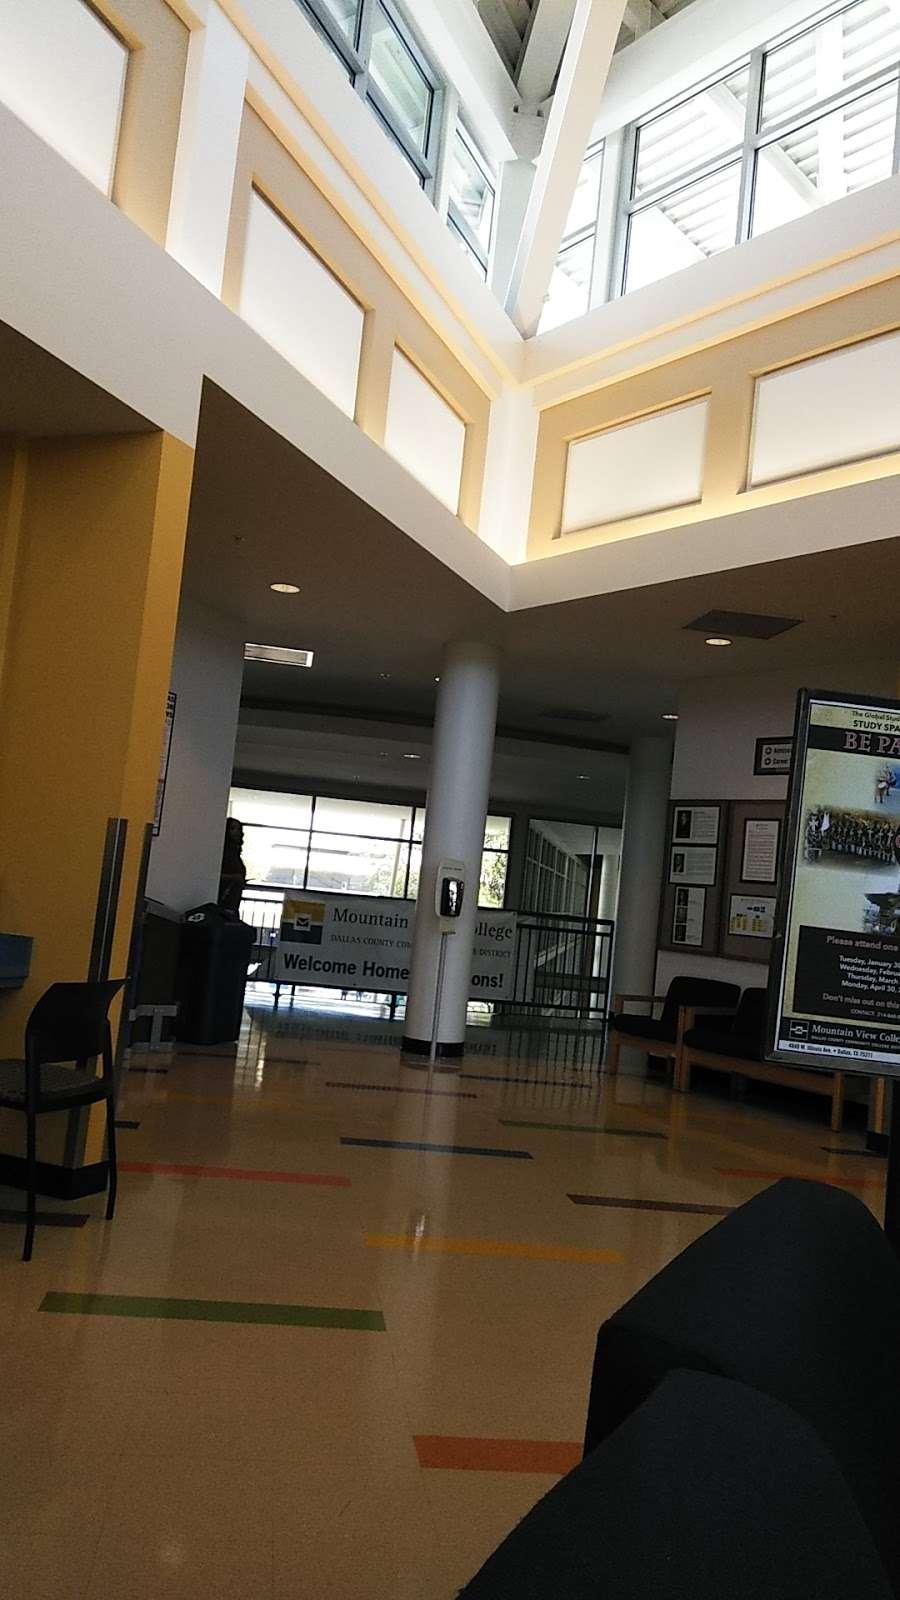 Mountain View College Bookstore - book store  | Photo 5 of 5 | Address: Mountain View College W Building, 4849 W Illinois Ave, Dallas, TX 75211, USA | Phone: (214) 331-5474